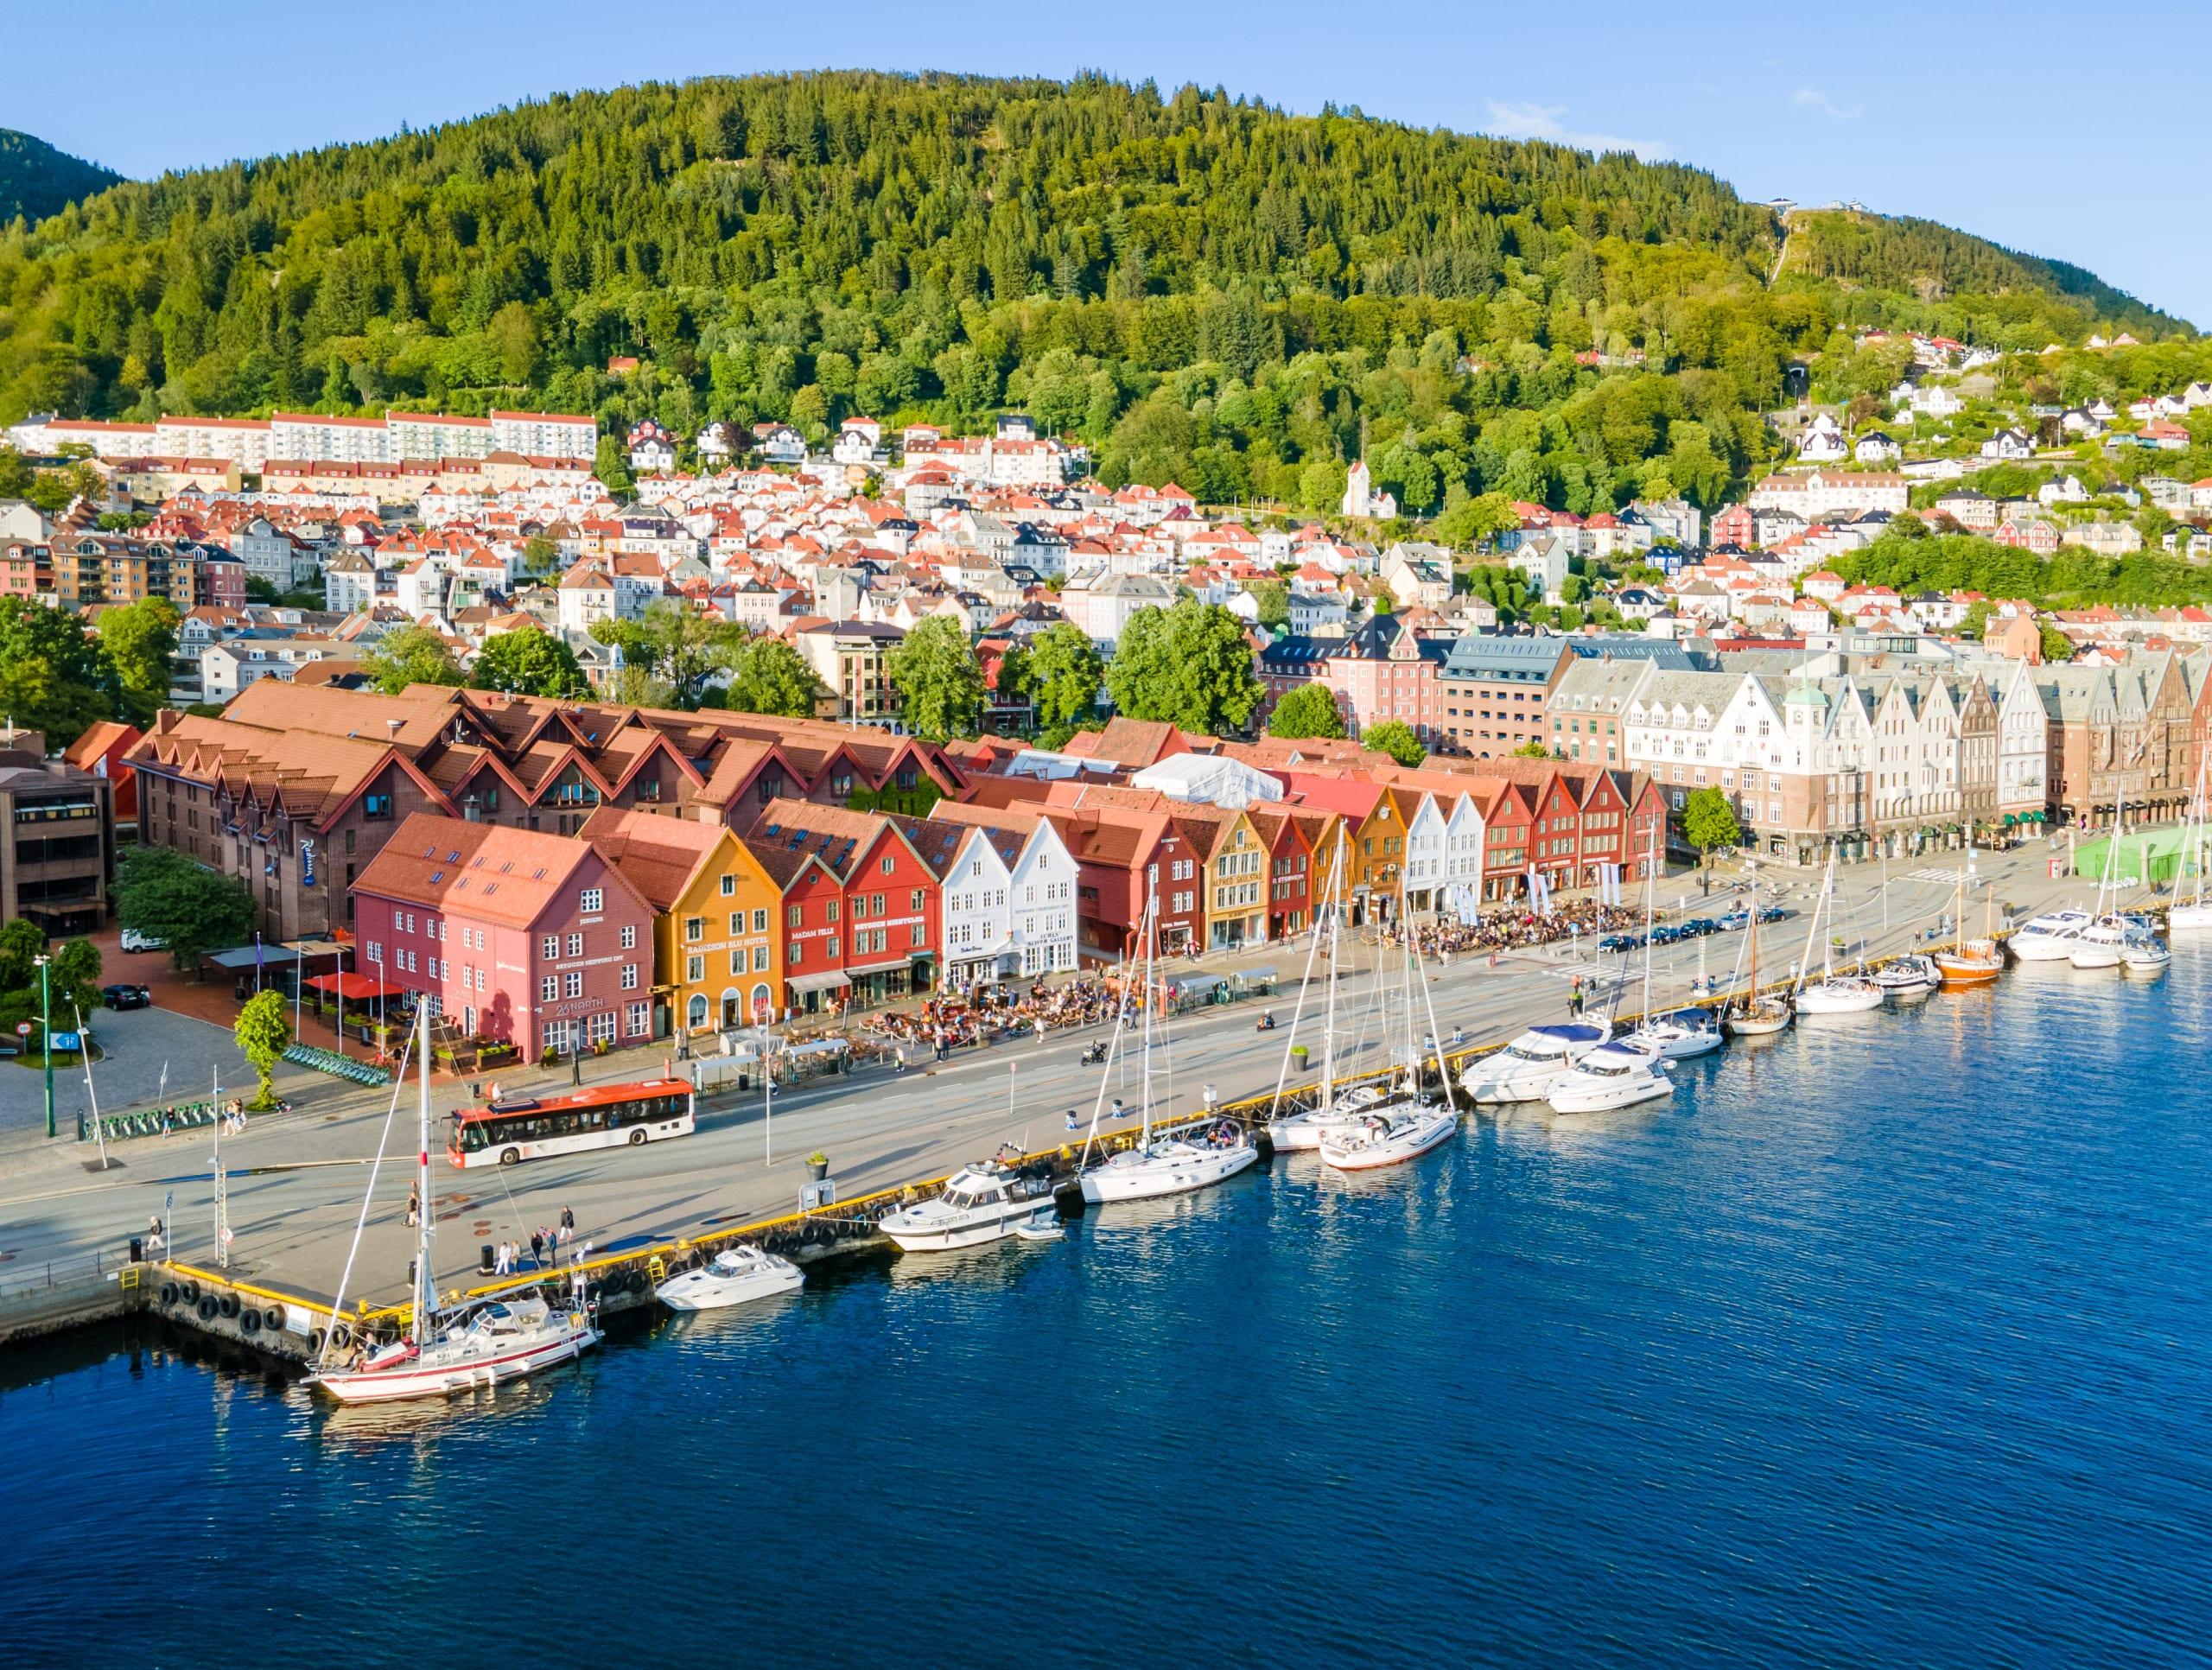 Bryggen in Bergen seen from the sky